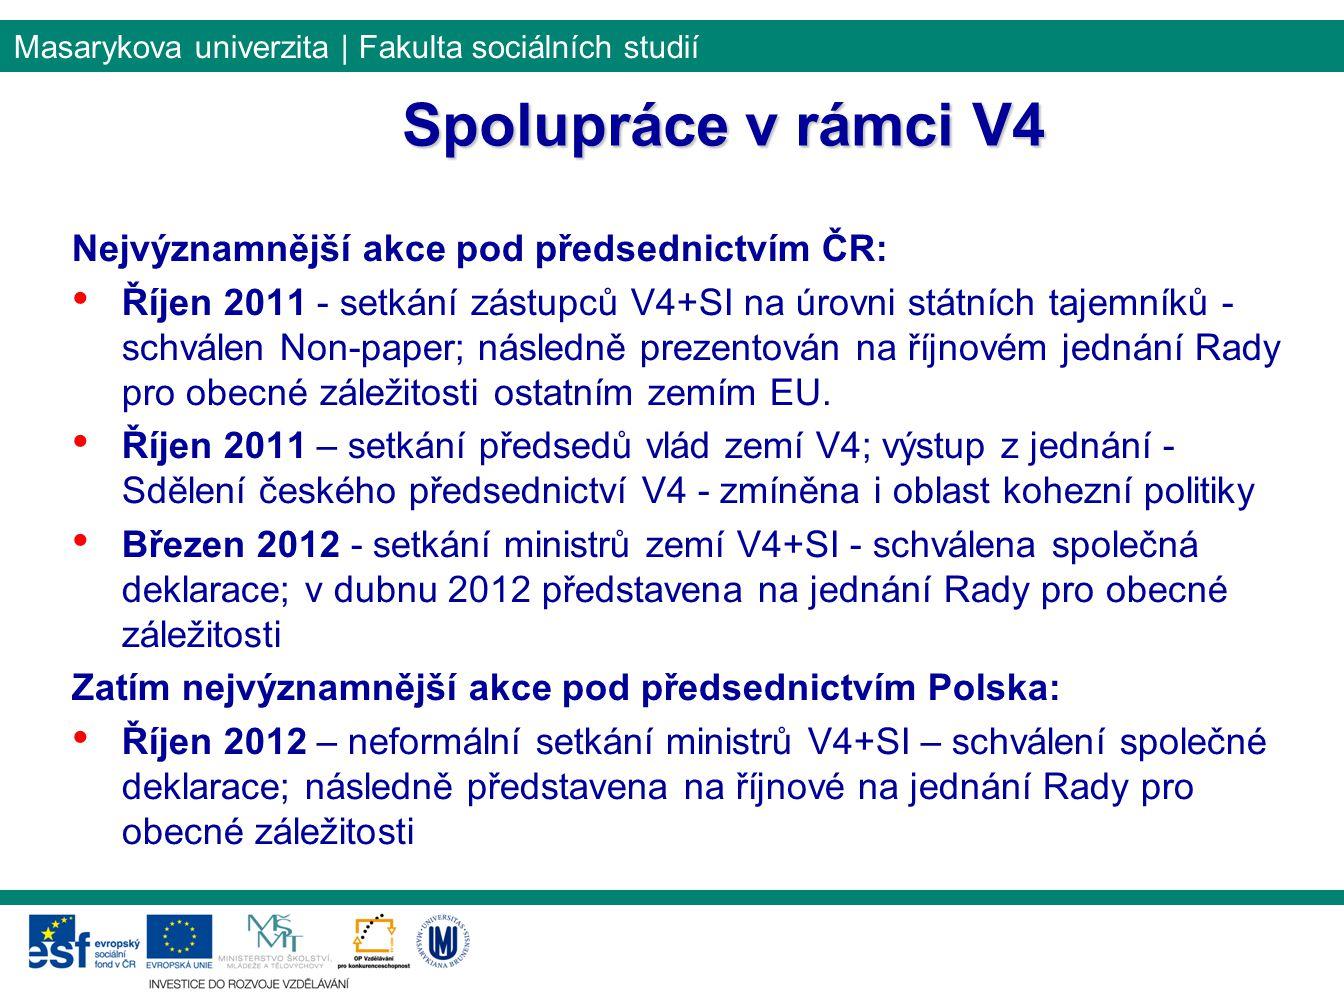 Masarykova univerzita | Fakulta sociálních studií Spolupráce v rámci V4 Nejvýznamnější akce pod předsednictvím ČR: Říjen 2011 - setkání zástupců V4+SI